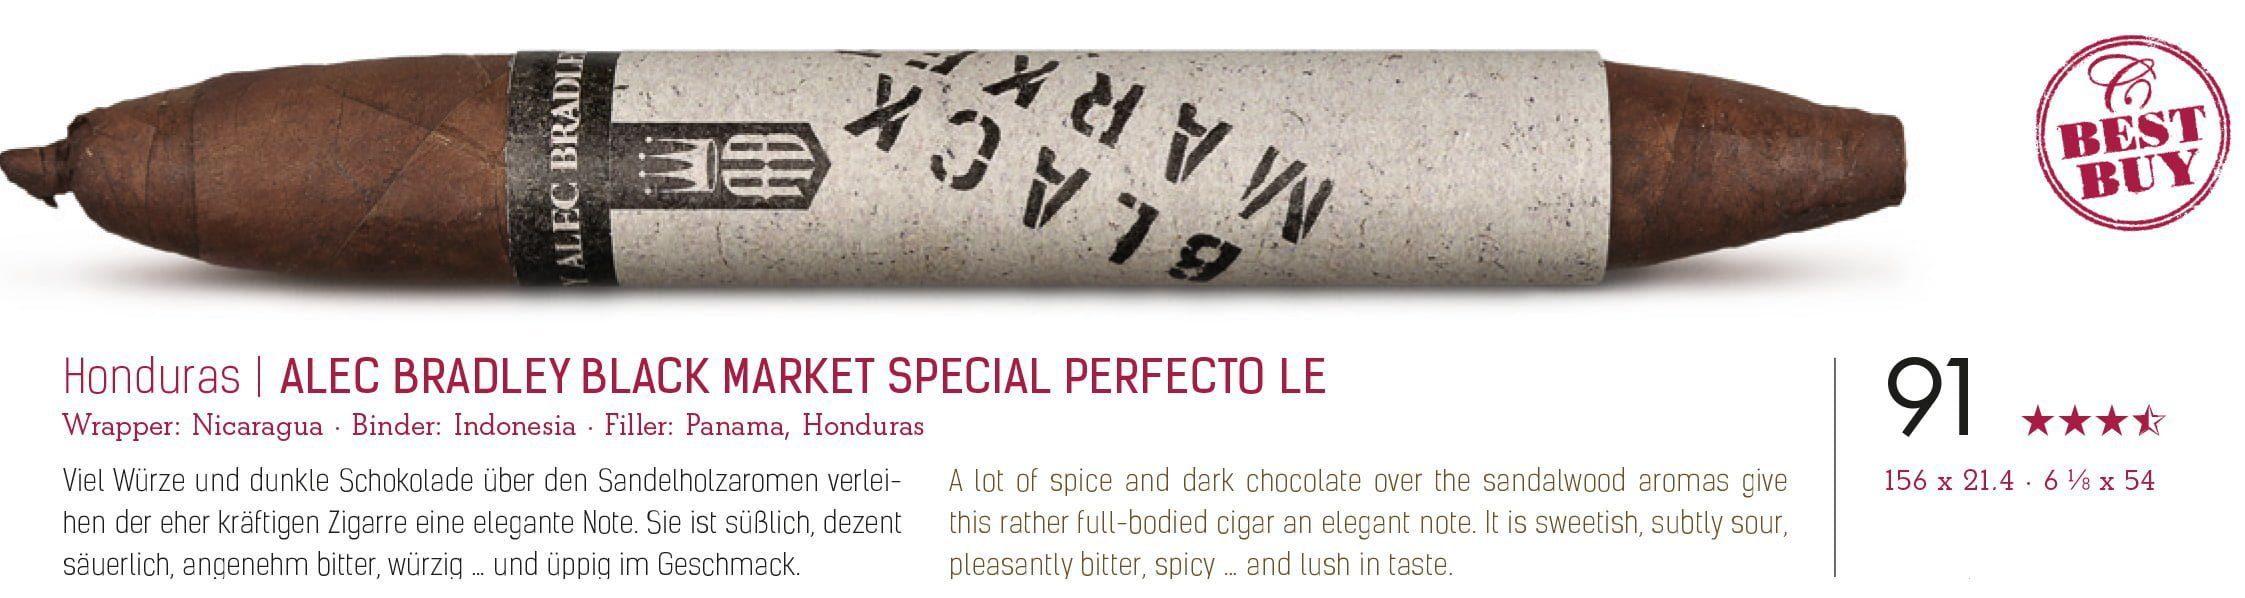 Alec Bradley Black Market Perfecto